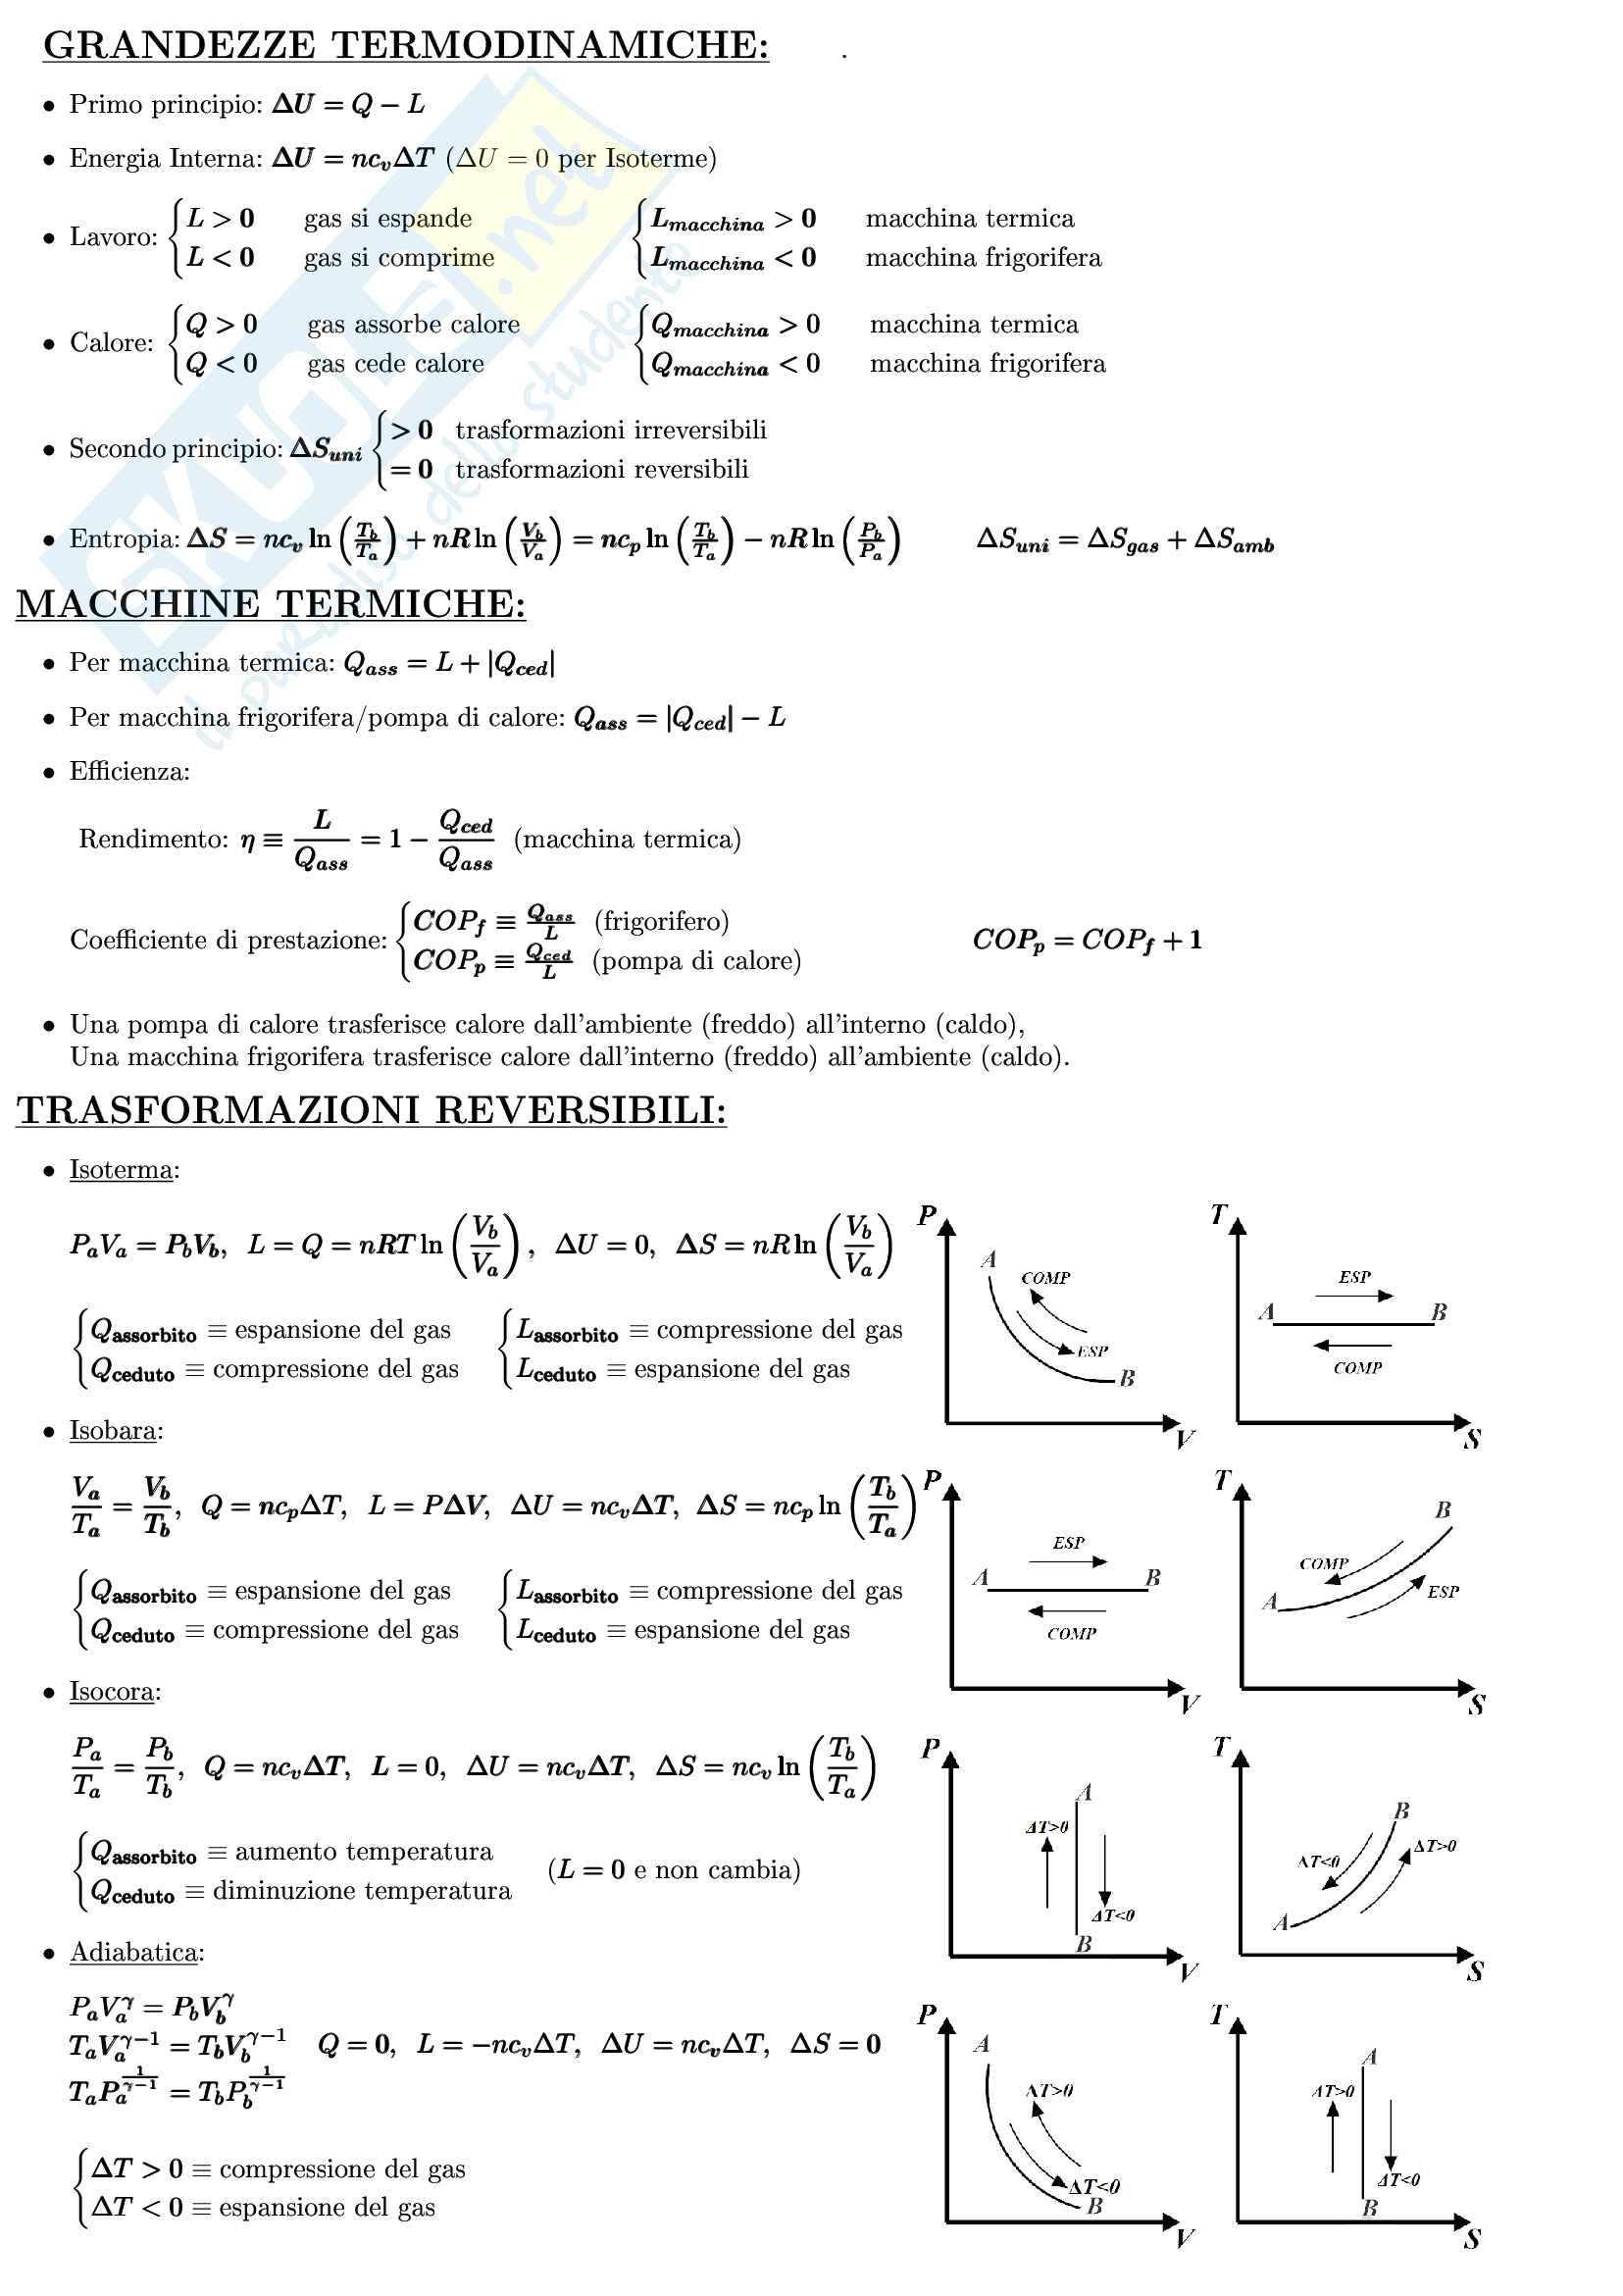 Formulario completo di Termodinamica con Grafici sul piano P-V e T-S